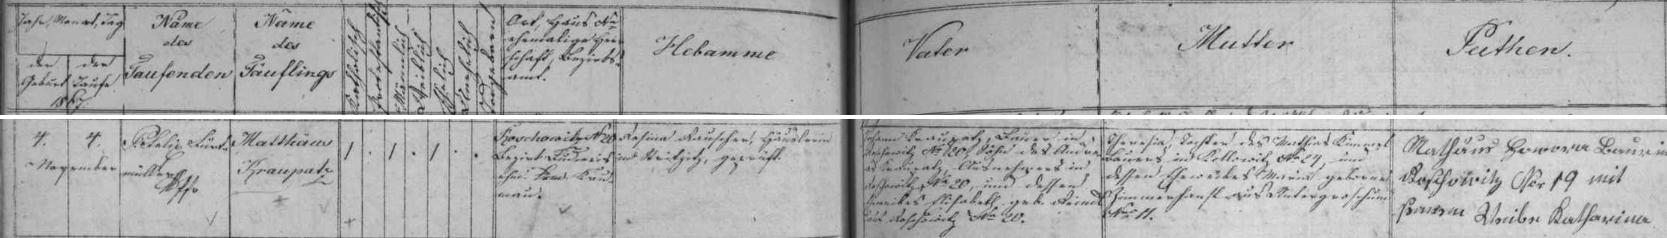 Záznam strýčické křestní matriky o otcově narození v Radošovicích 4. listopadu roku 1867